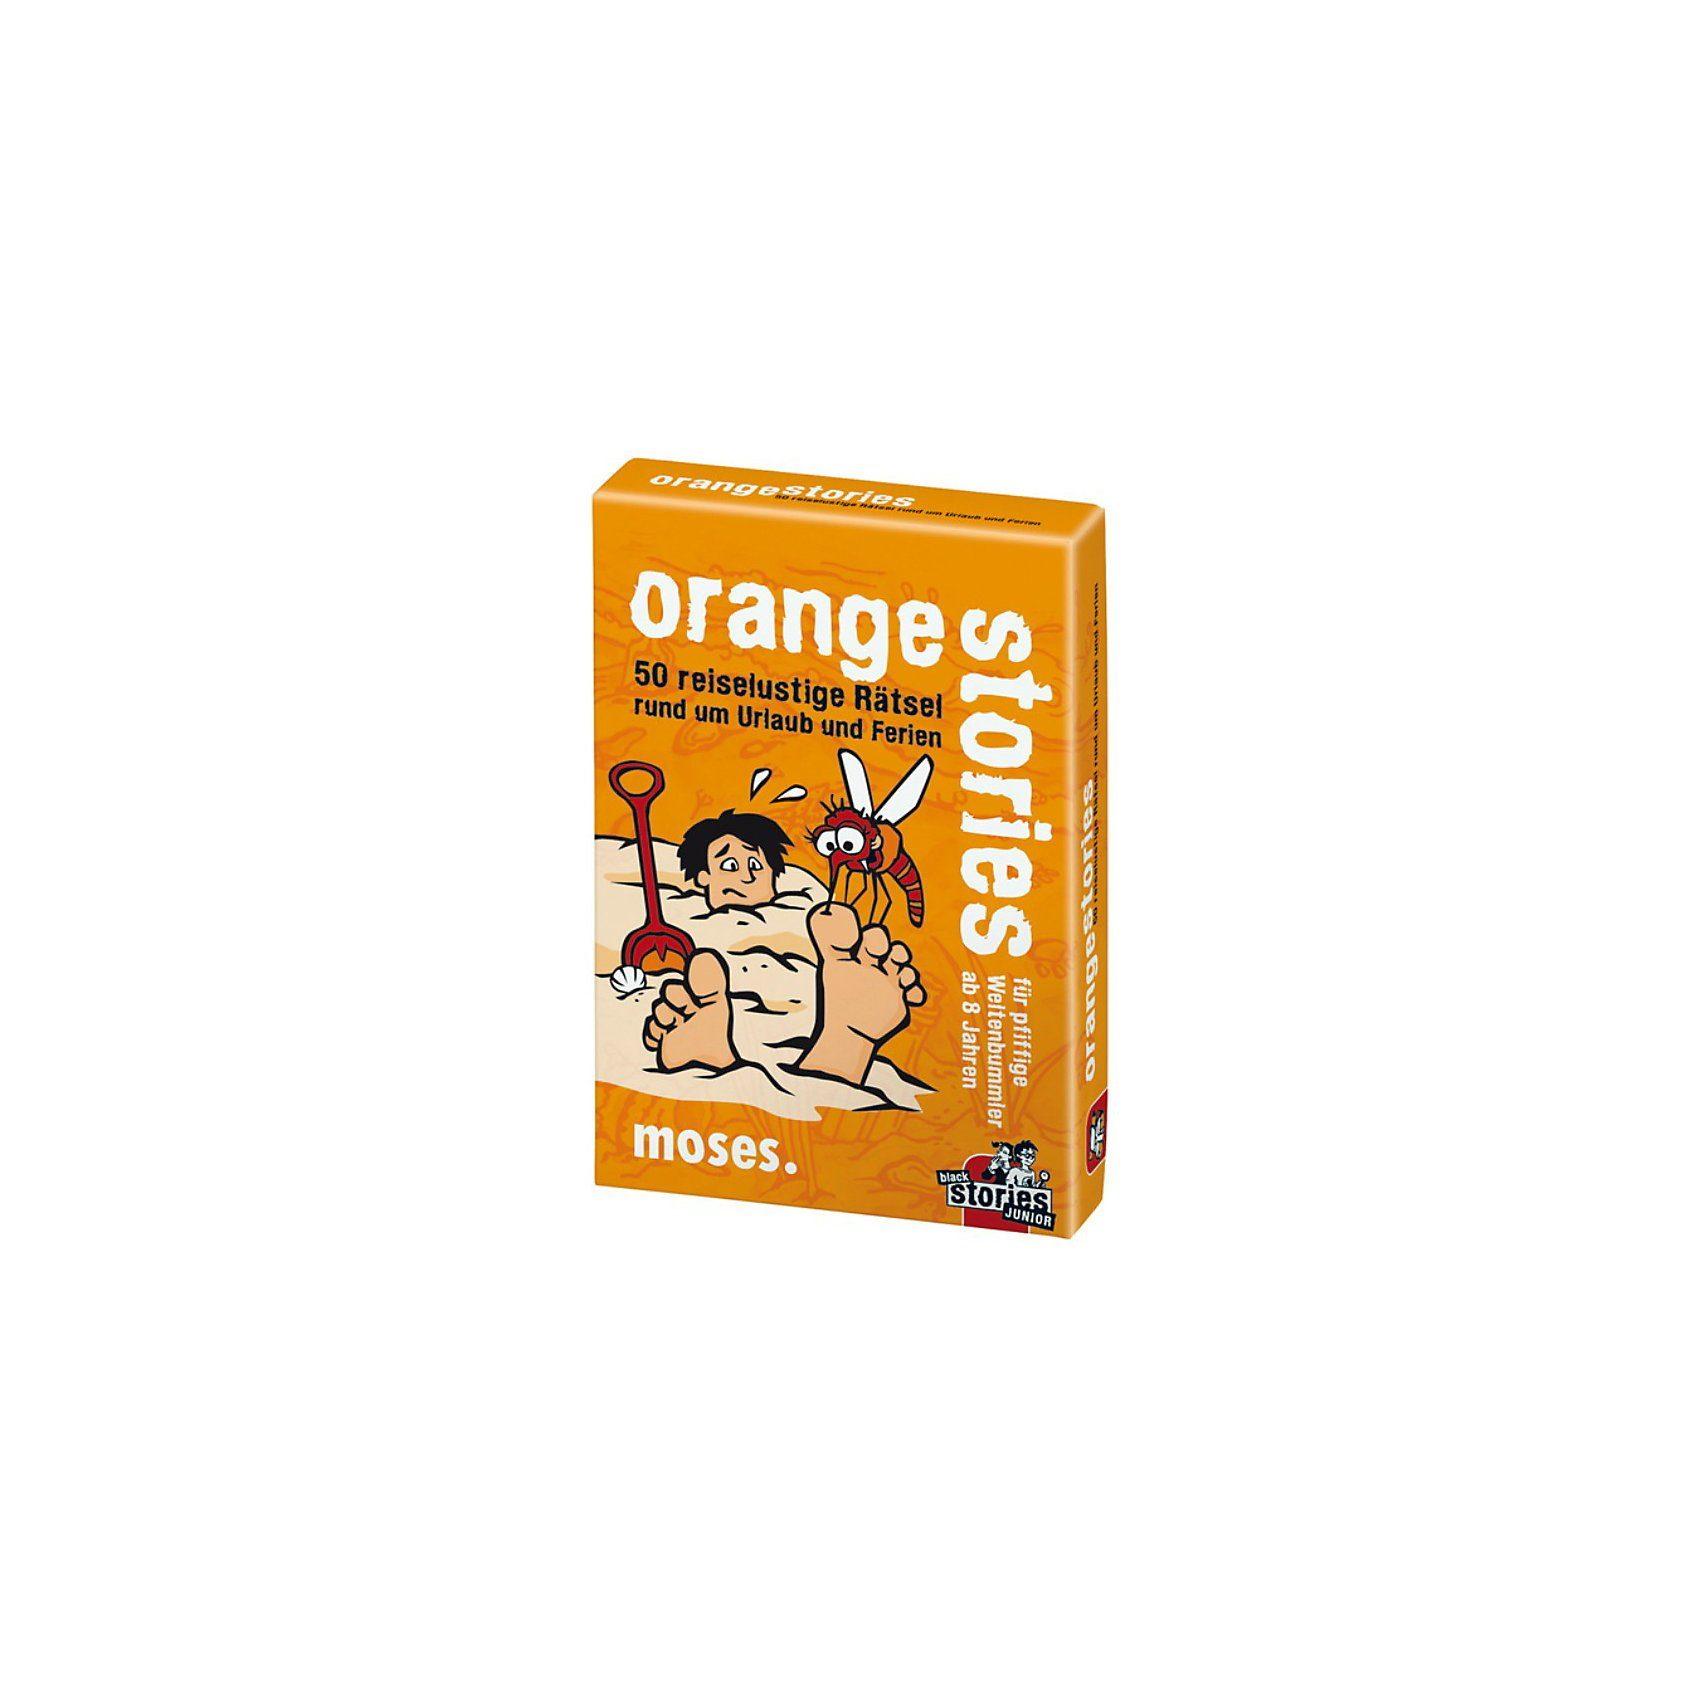 moses Orange Stories - 50 reiselustige Rätsel rund um Urlaub und F